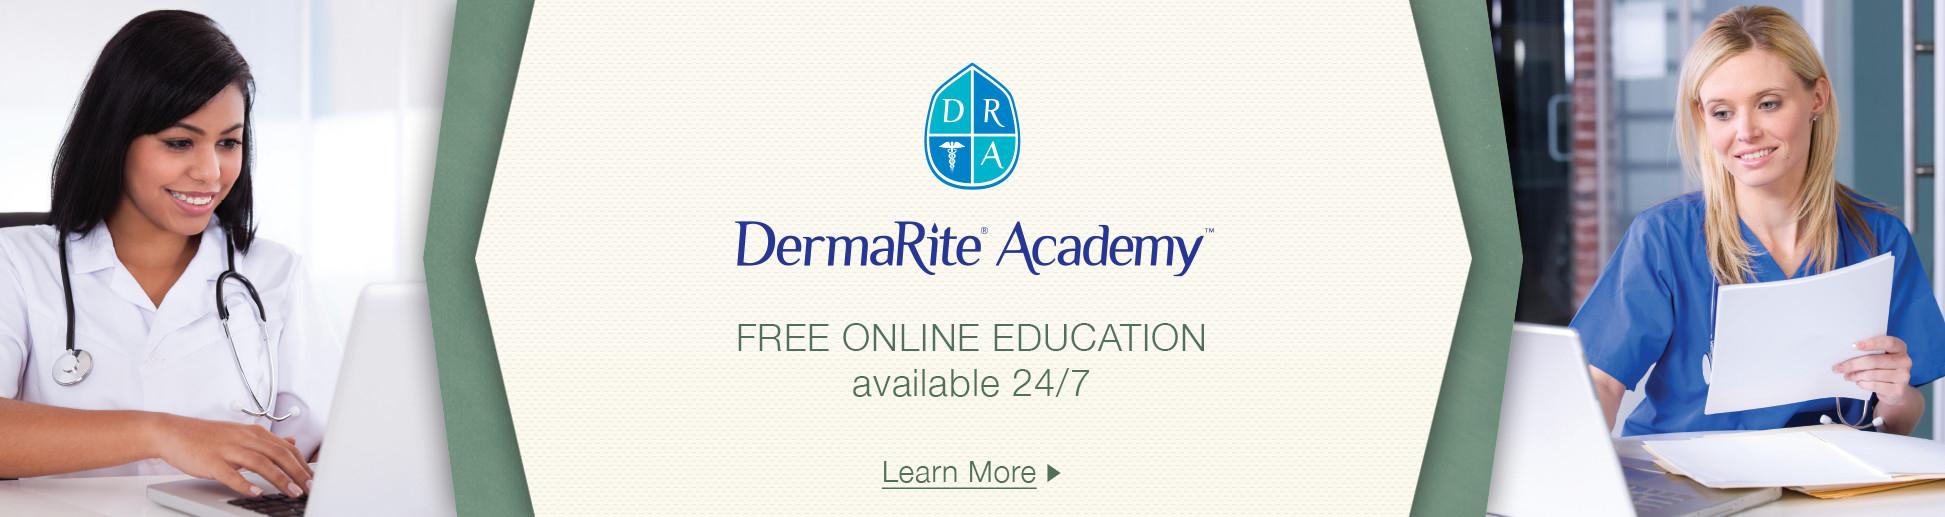 DermaRiteAcademy